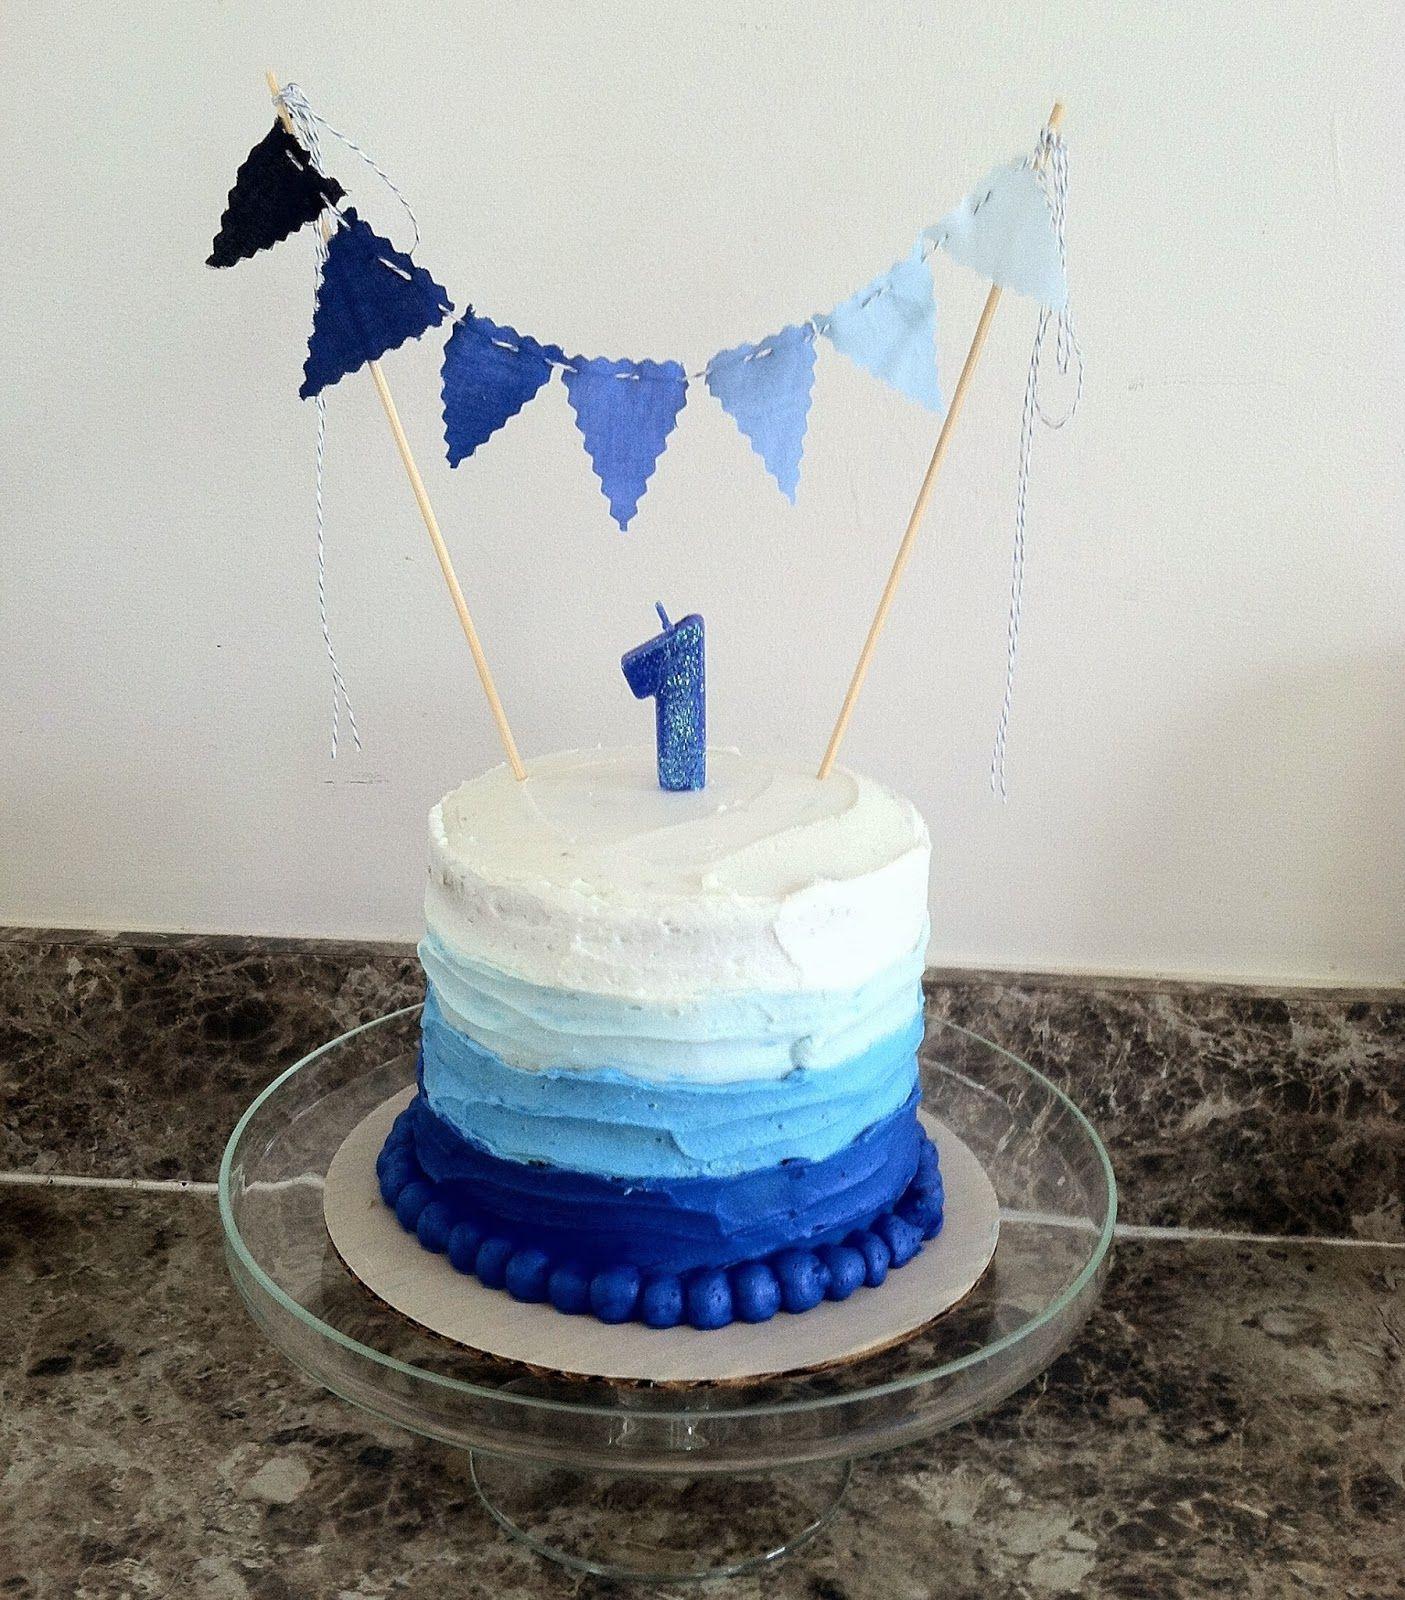 1st Birthday 016 Jpg 1 405 1 600 Pixels Blue Birthday Cakes